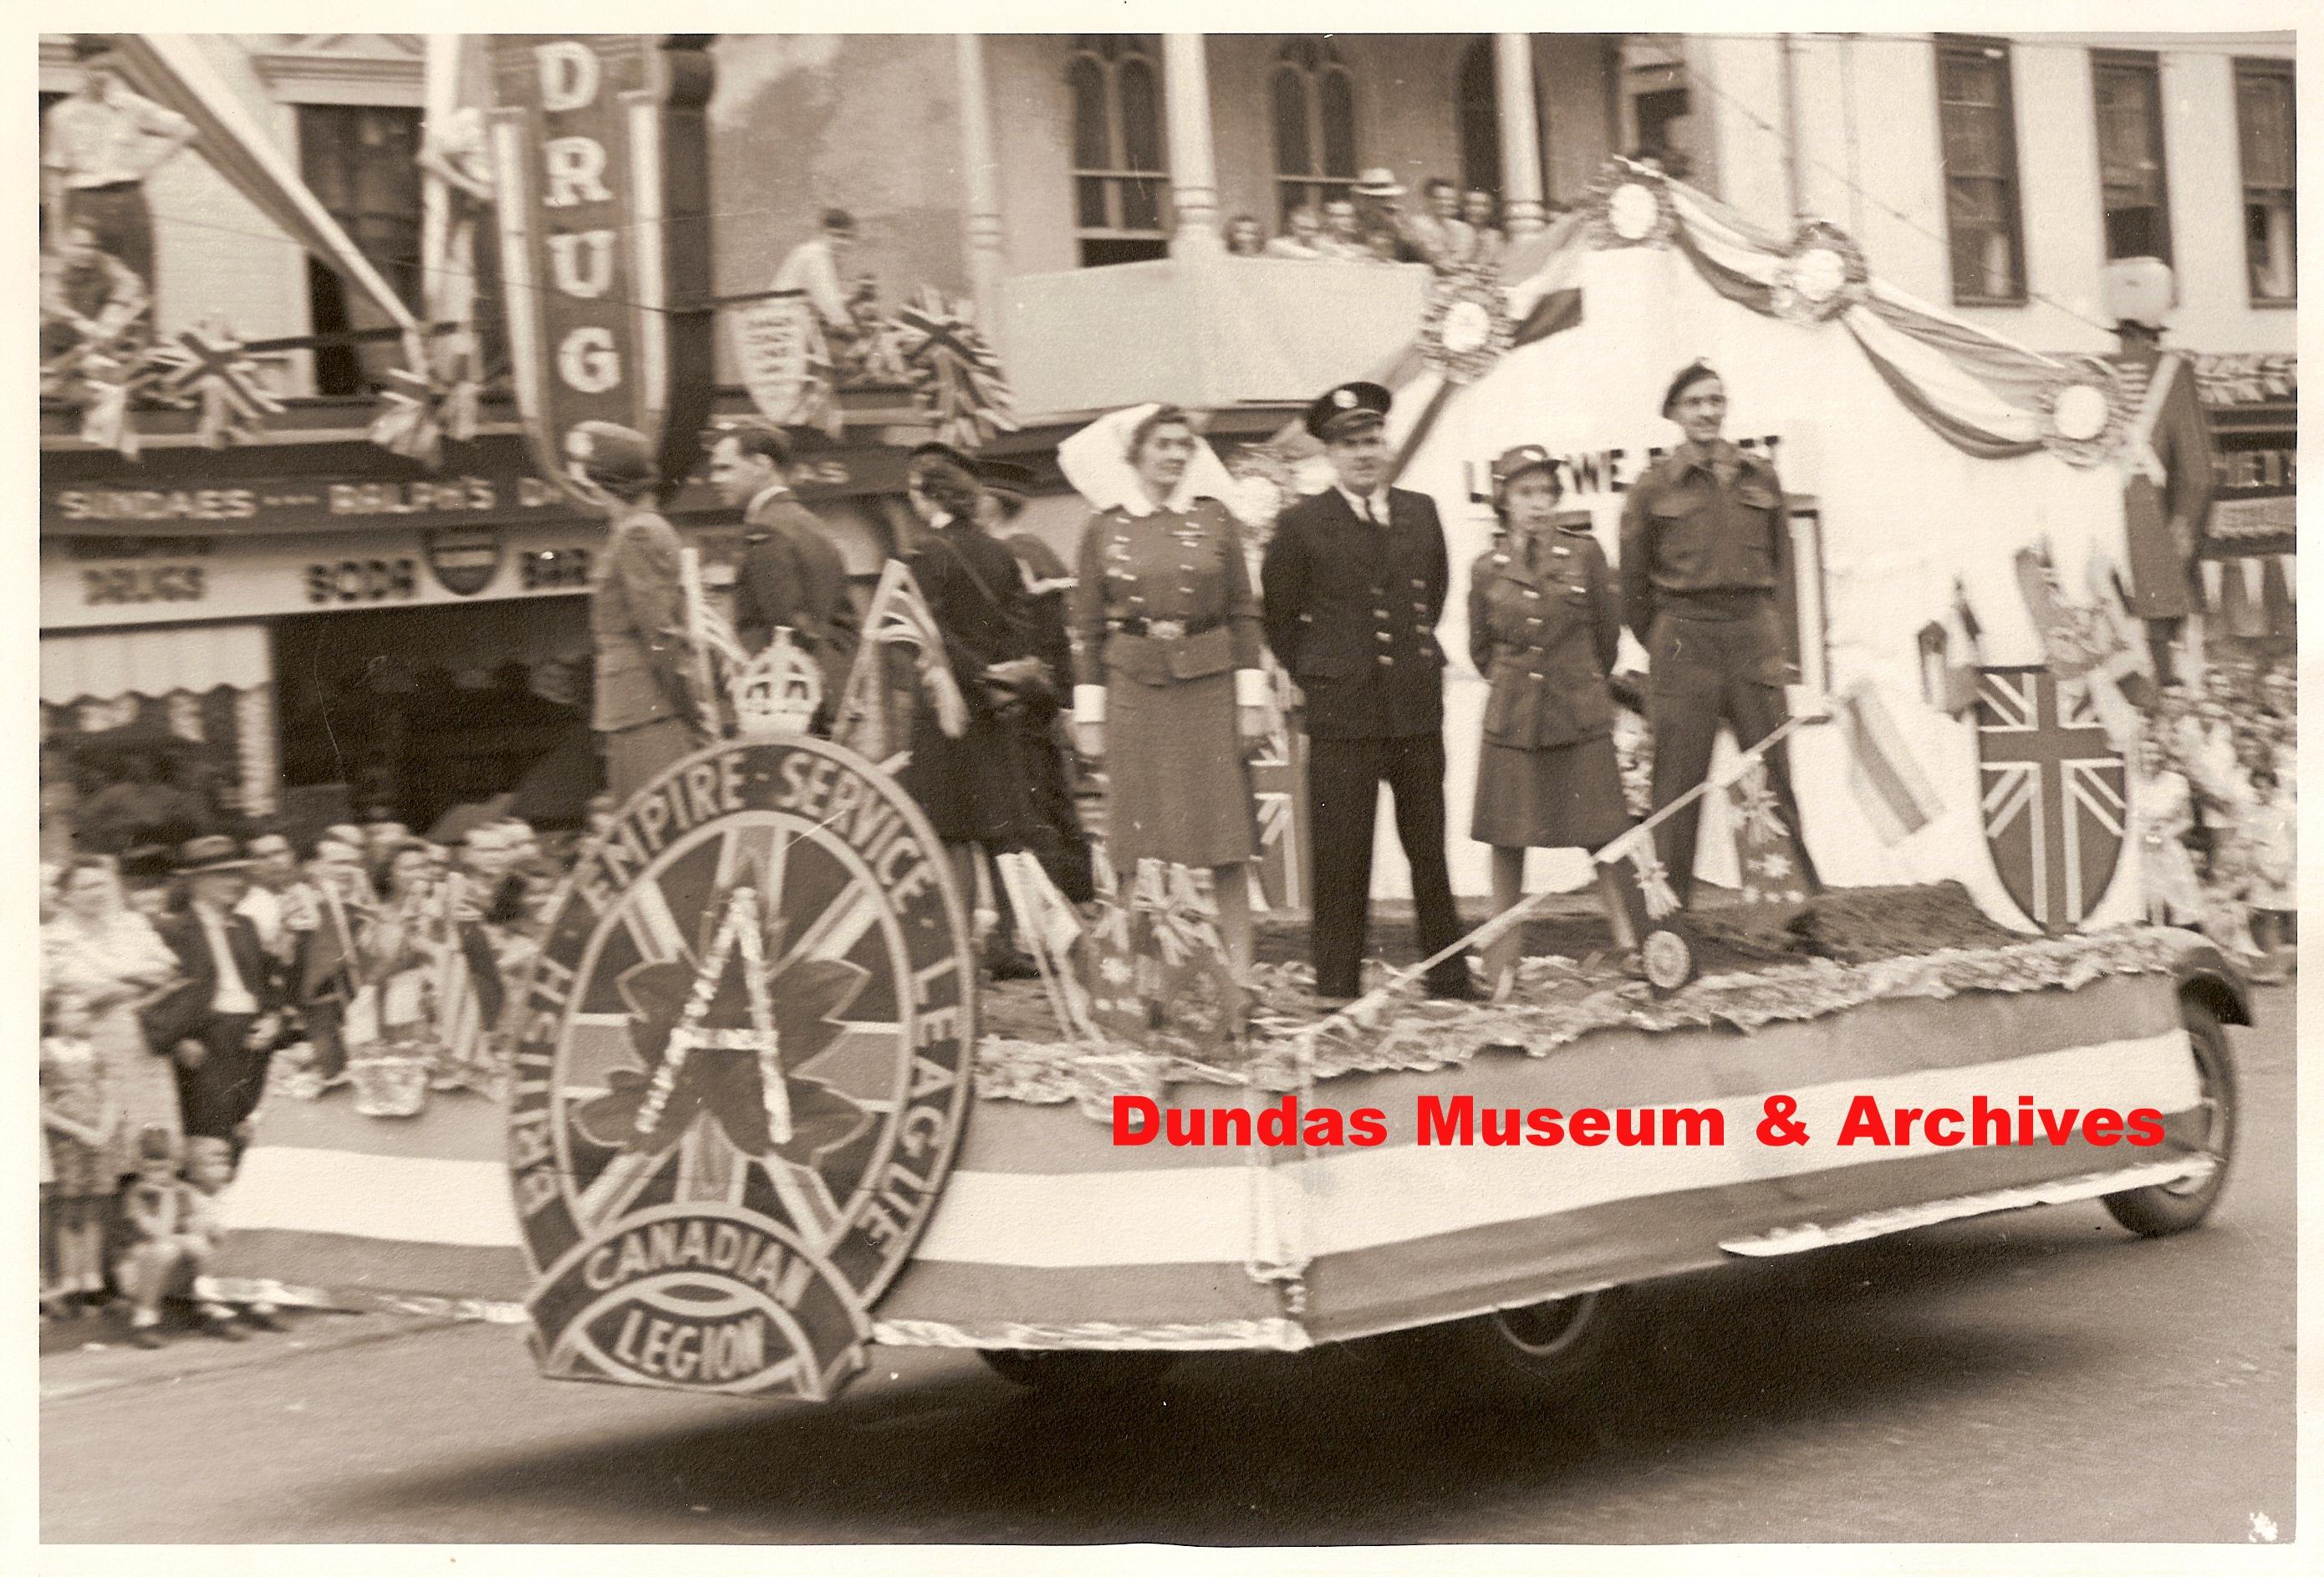 Canadian Legion float in Dundas Centennial (1947) parade